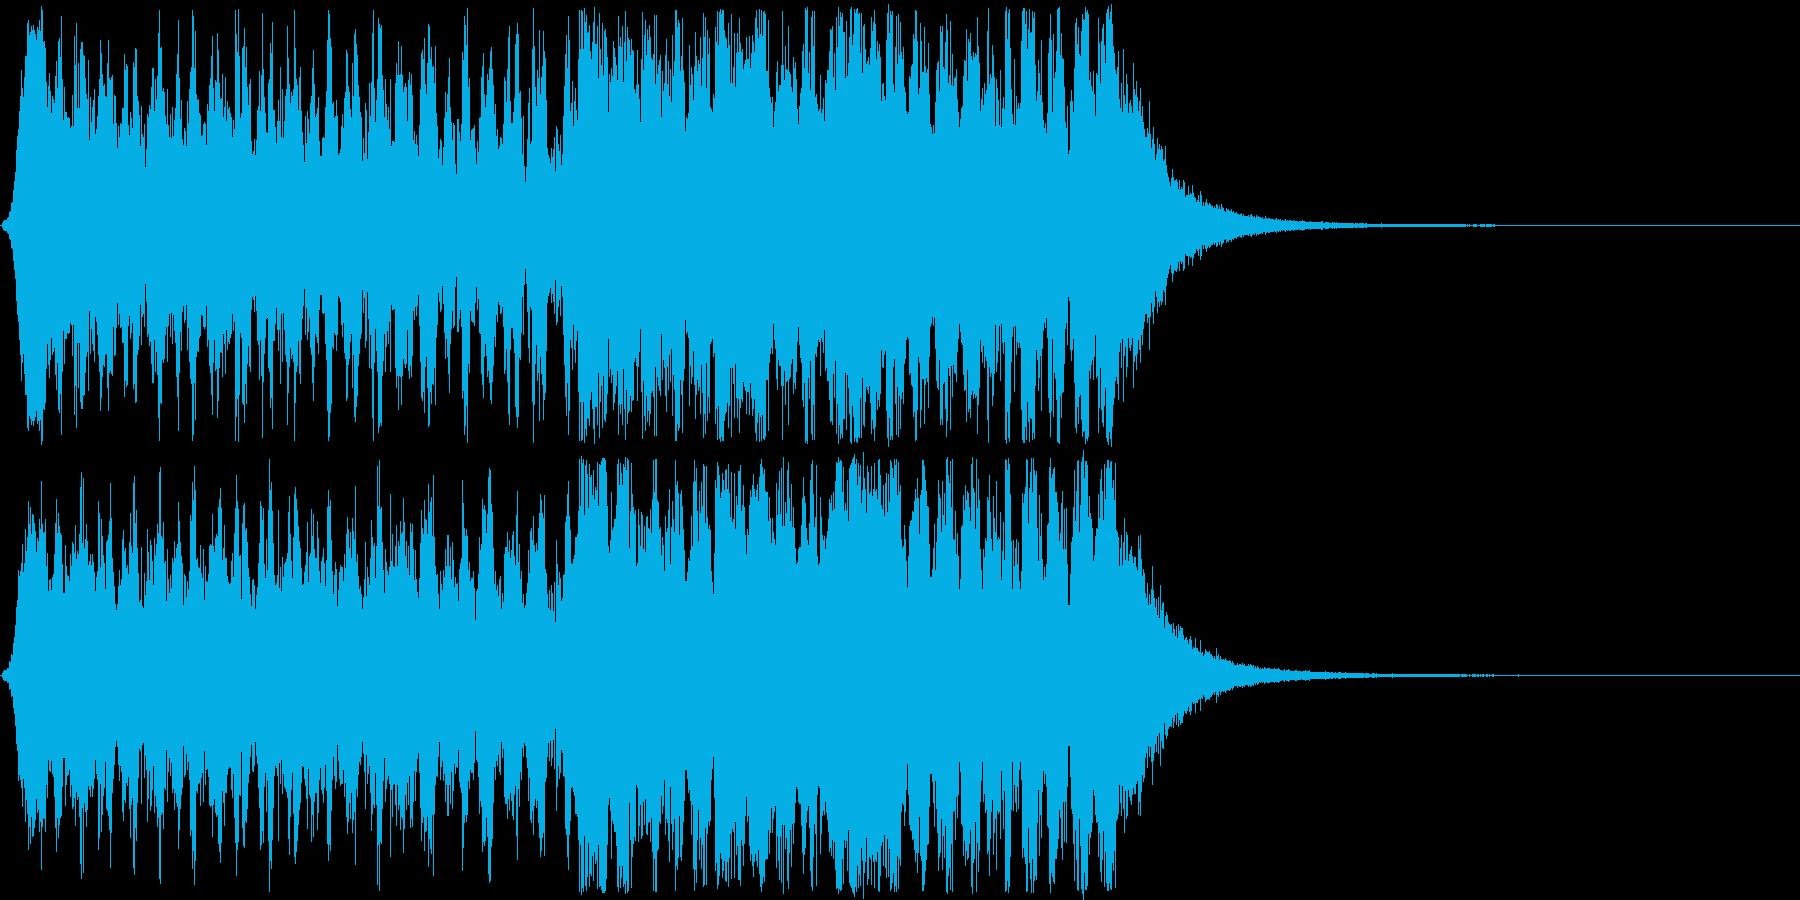 オーケストラ風の登場曲、オープニング曲の再生済みの波形